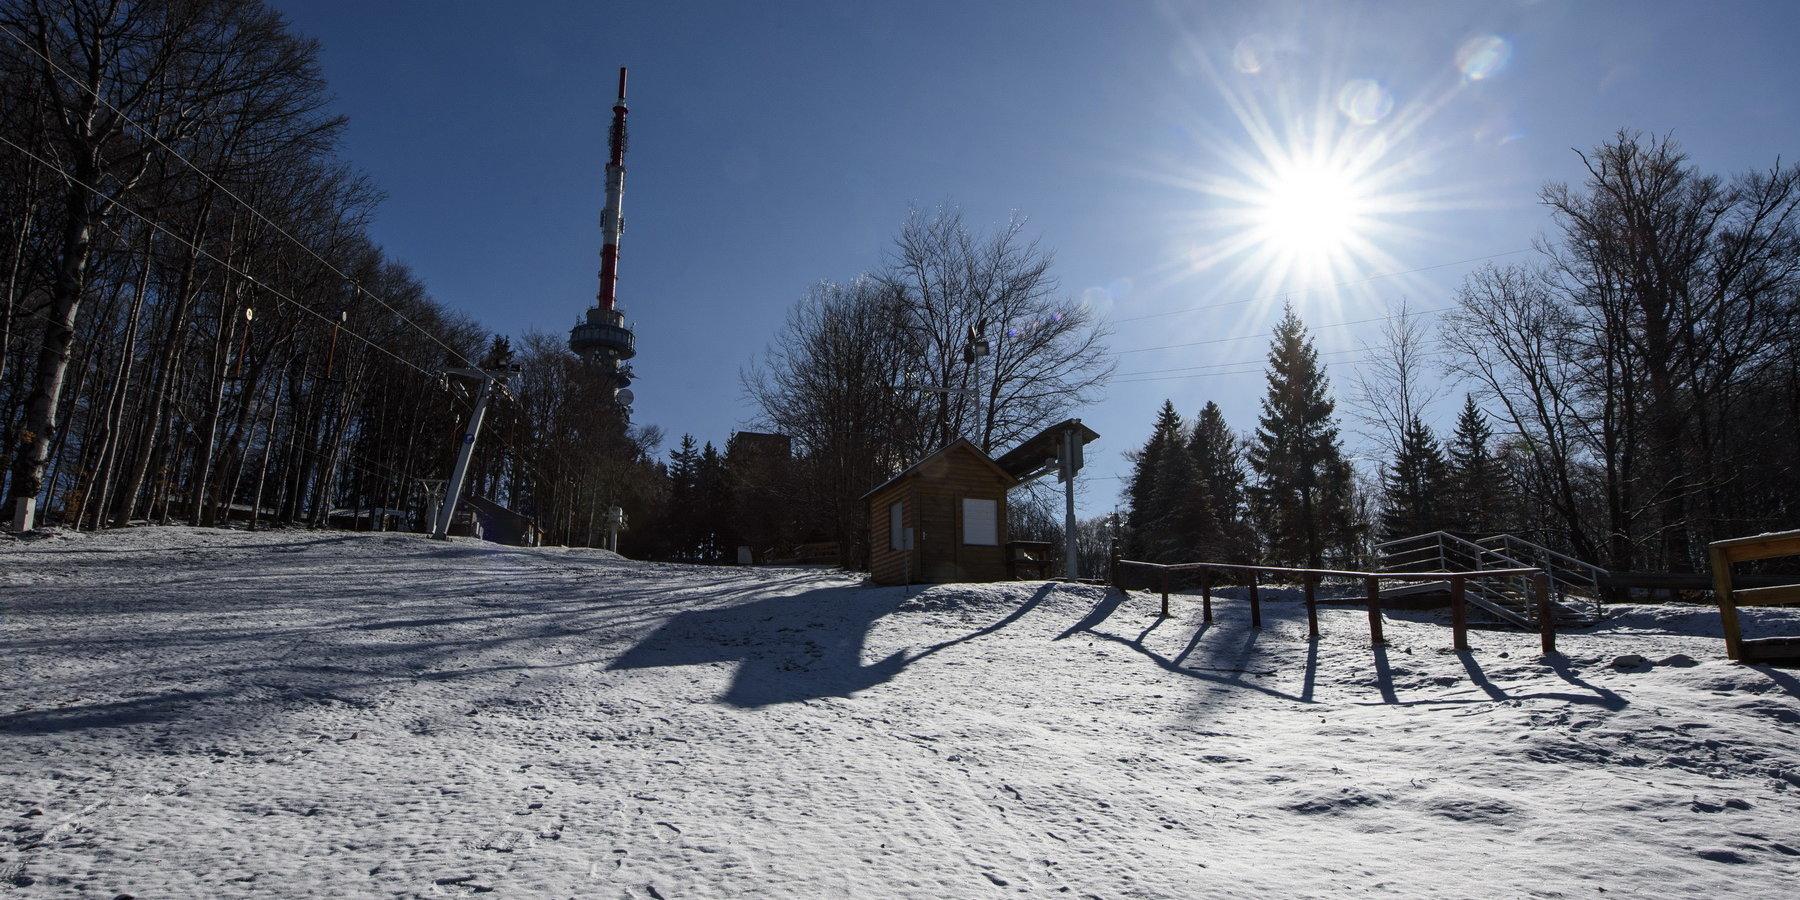 Itthon: havazás és télies idő lesz a következő napokban